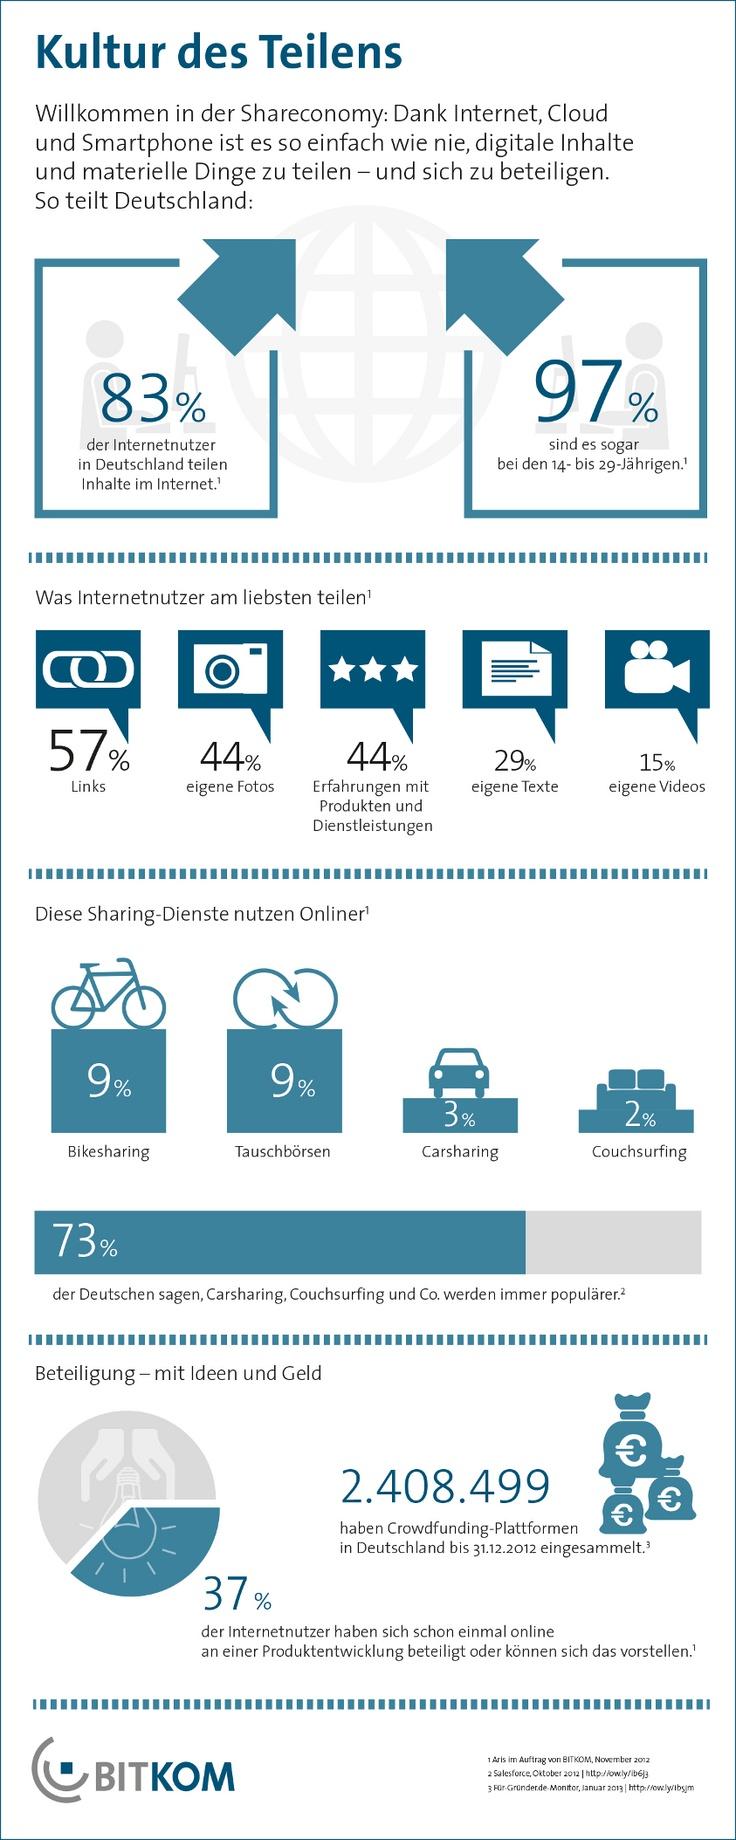 Willkommen in der Shareconomy: So teilt Deutschland. Februar 2013